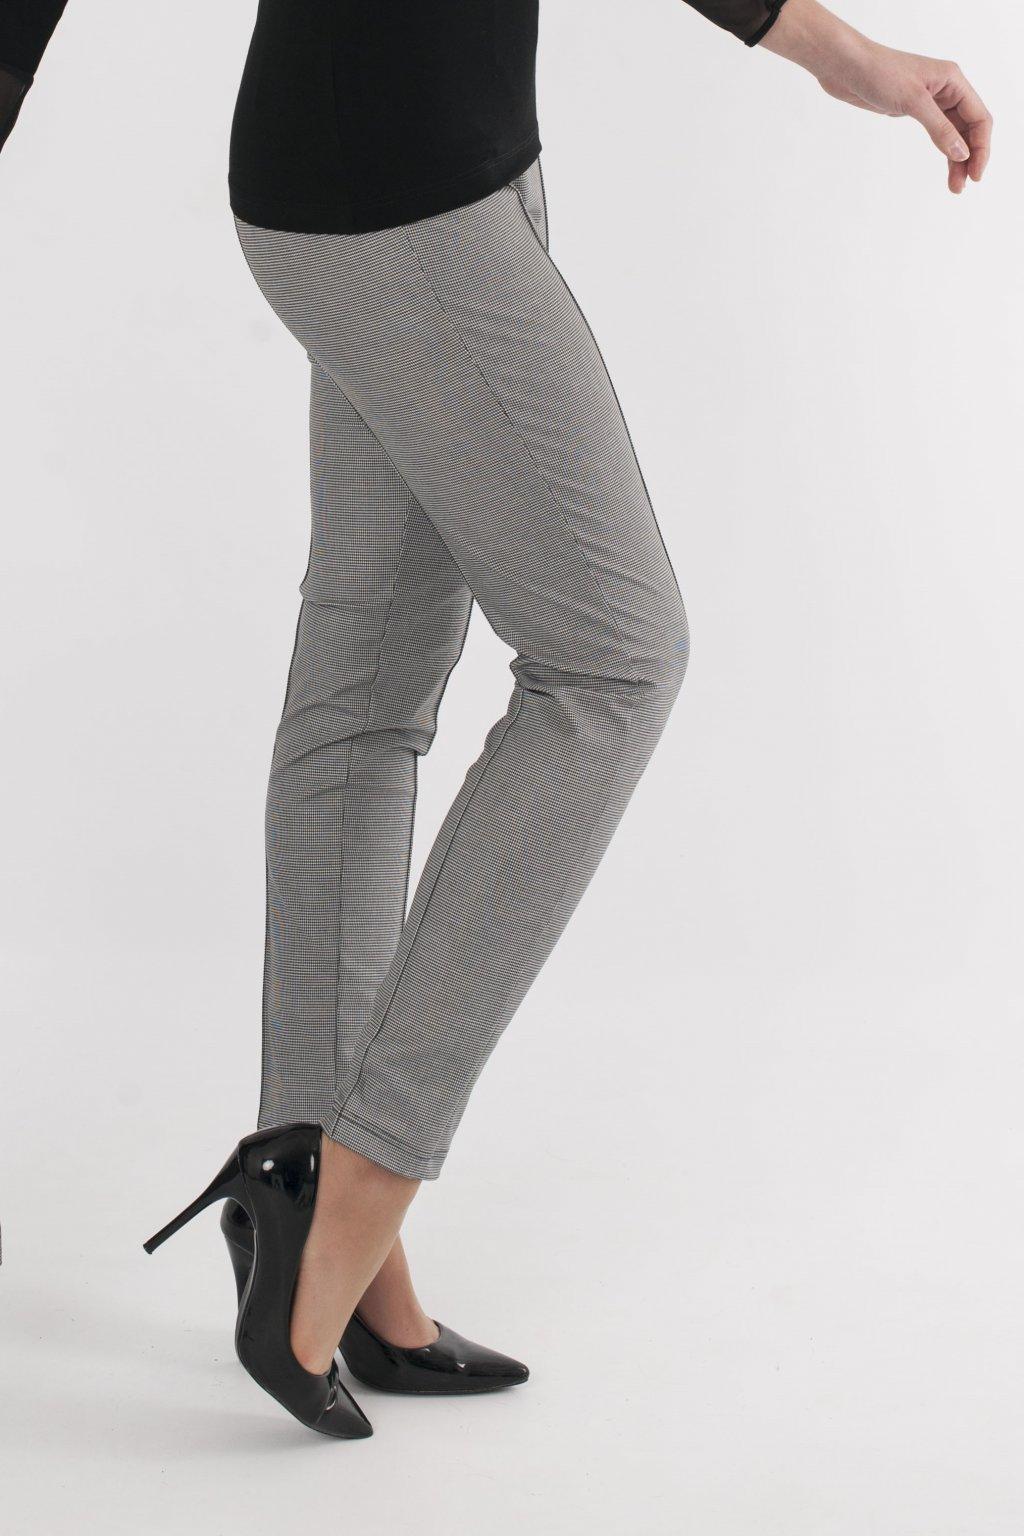 pepitkové-dámske-nohavice-favab.sk.jpg